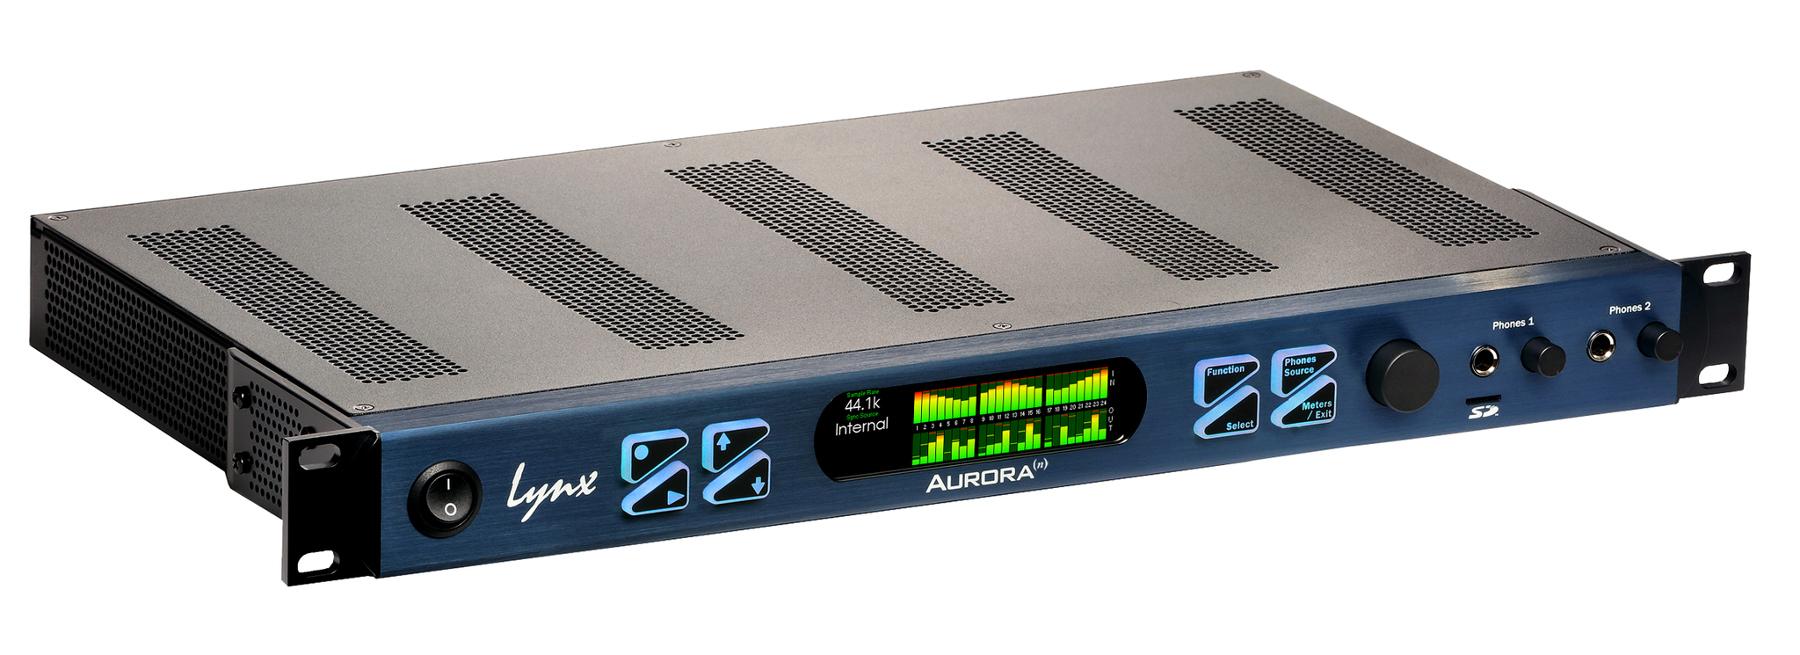 32-channel 24-bit / 192 kHz A/D D/A Converter System [Thunderbolt]